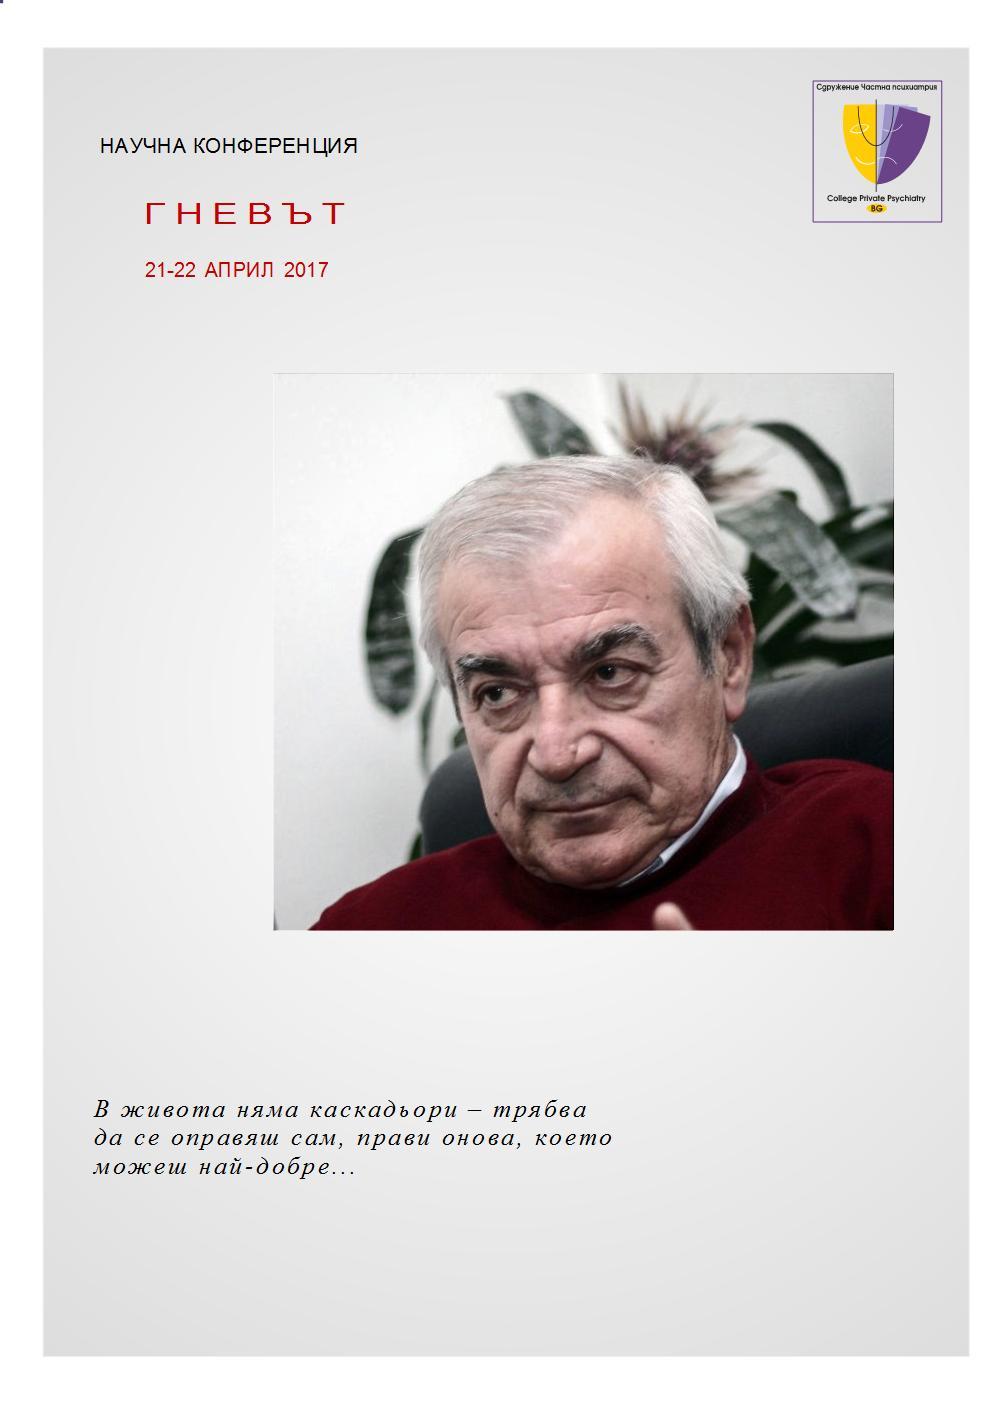 Д-р Койчев=БРШ